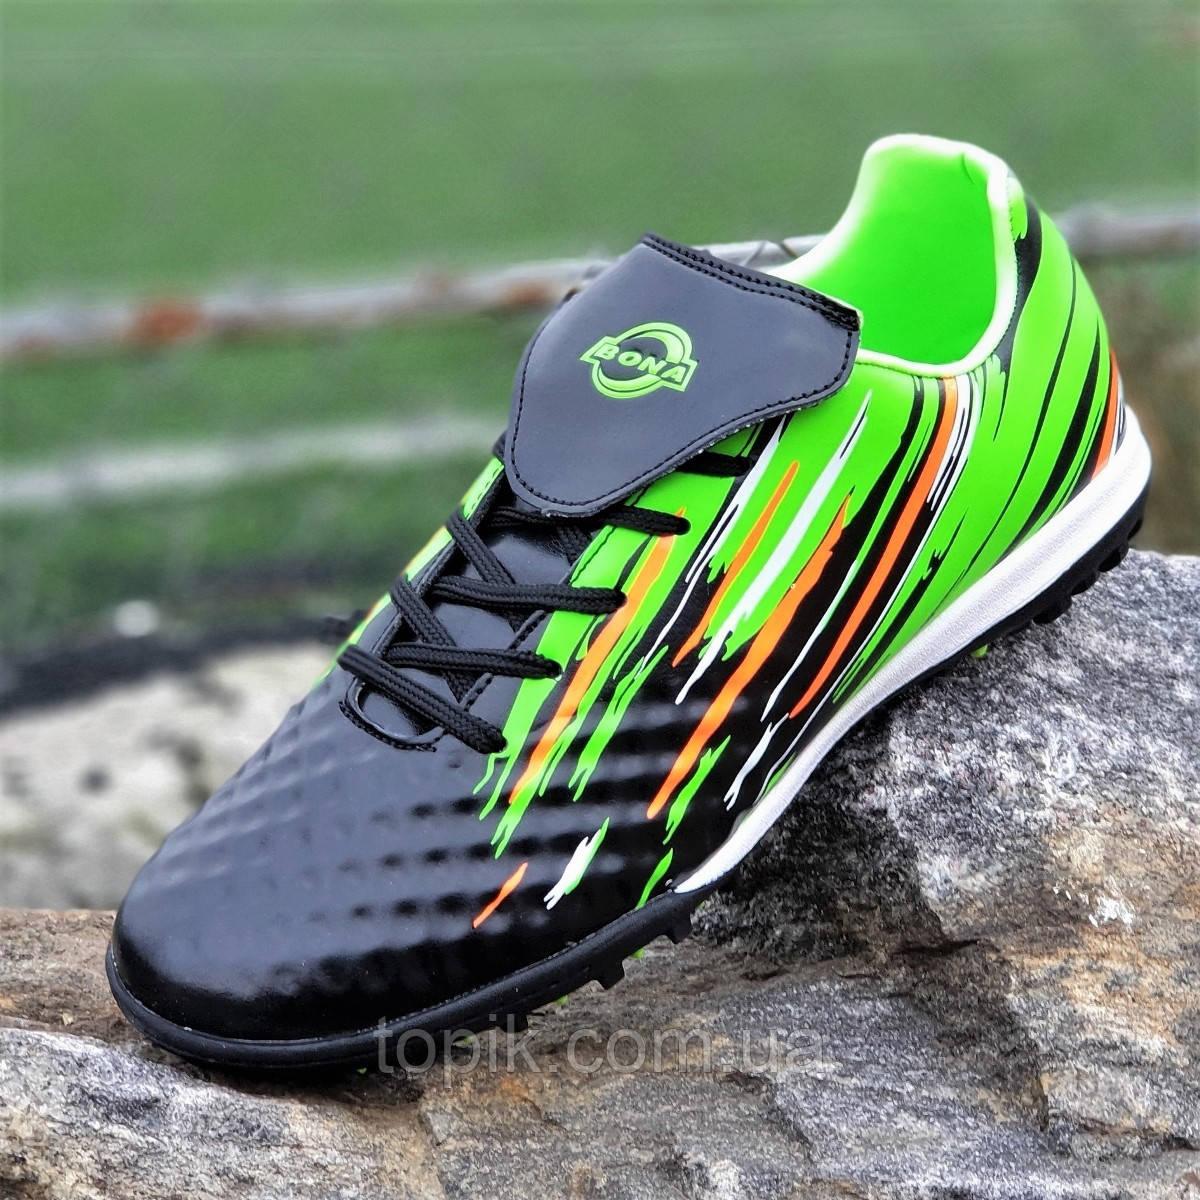 b103e588 Подростковые сороконожки, бампы, кроссовки для футбола на мальчика черные  зеленые удобные (Код: